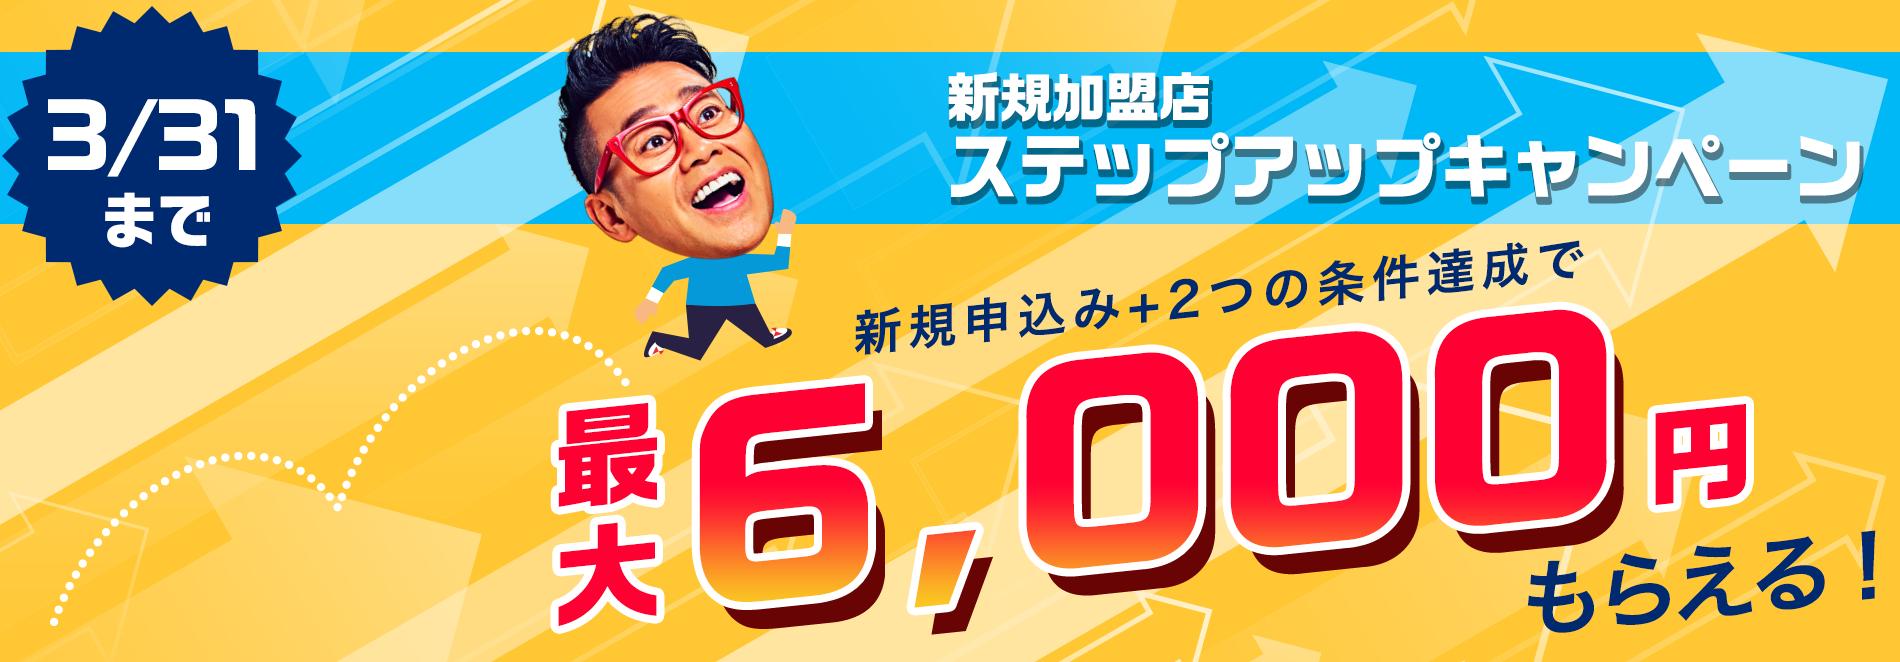 今なら新規申込み+条件達成で円最大6,000もらえる!3月31日まで